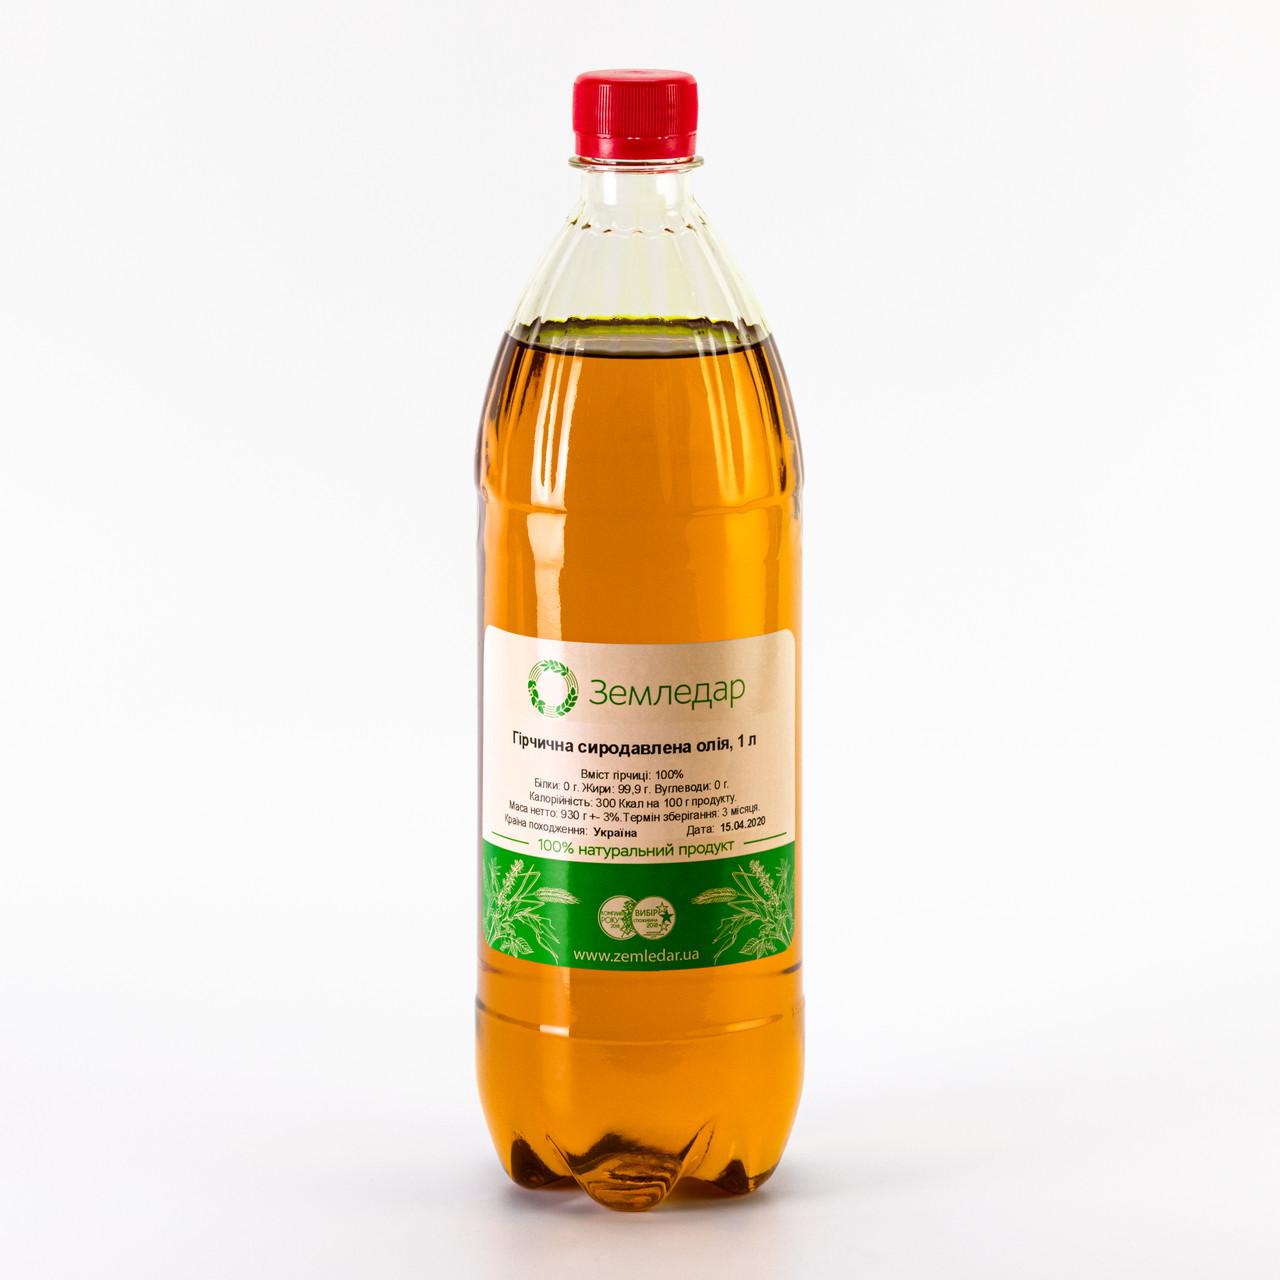 Гірчична олія 1л сертифікована без ГМО сиродавлена холодного віджиму